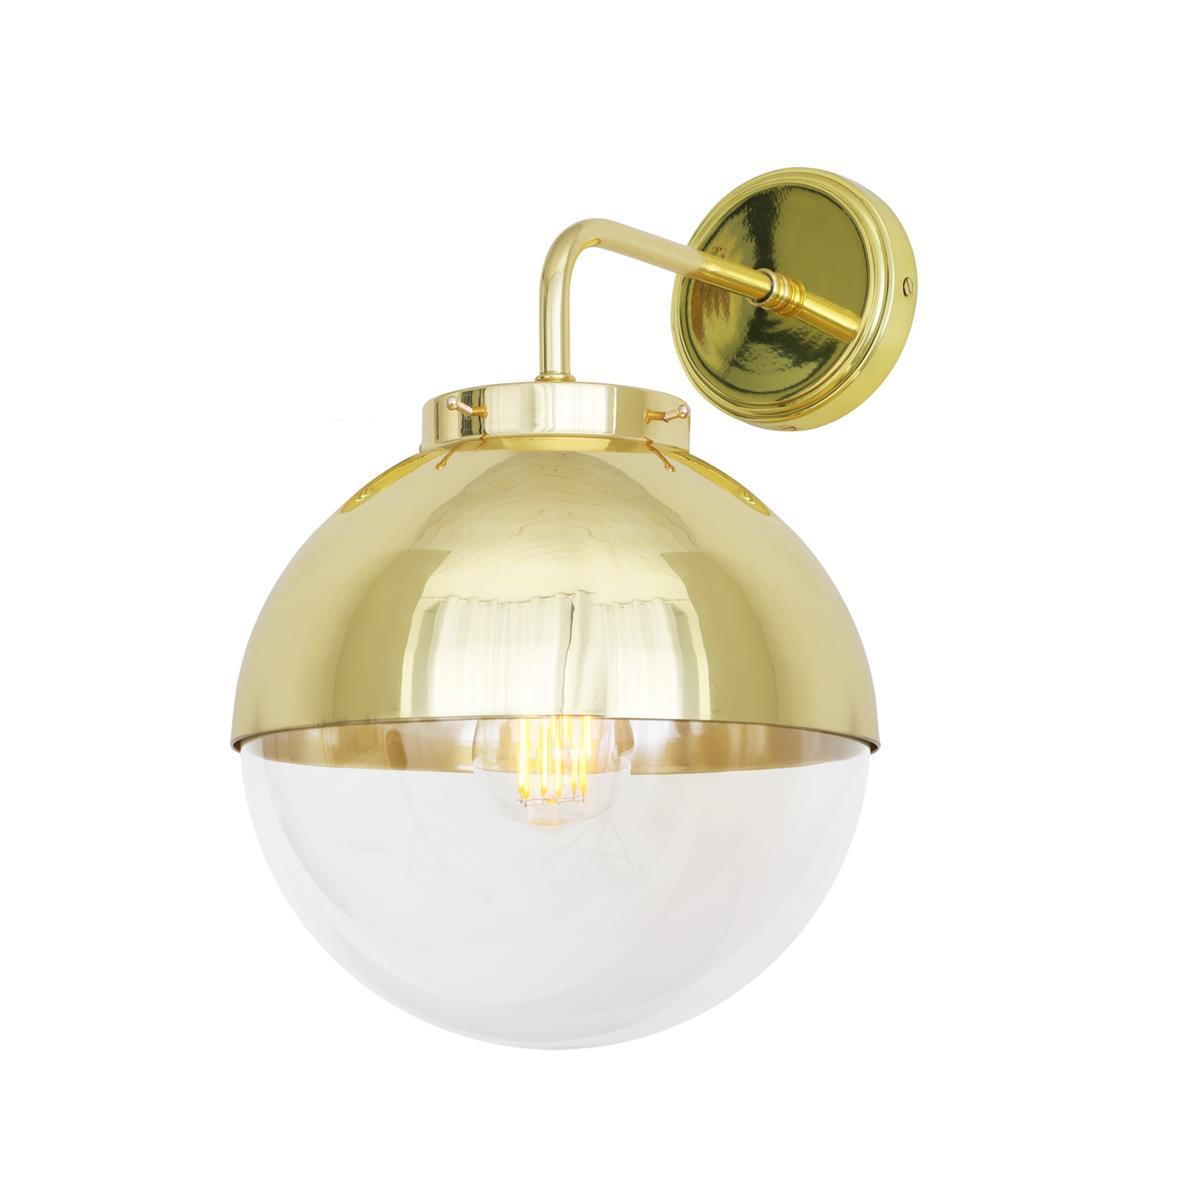 Luminaire Murale Et Applique Idée De Maison Lampe Florentine EHW2YD9I